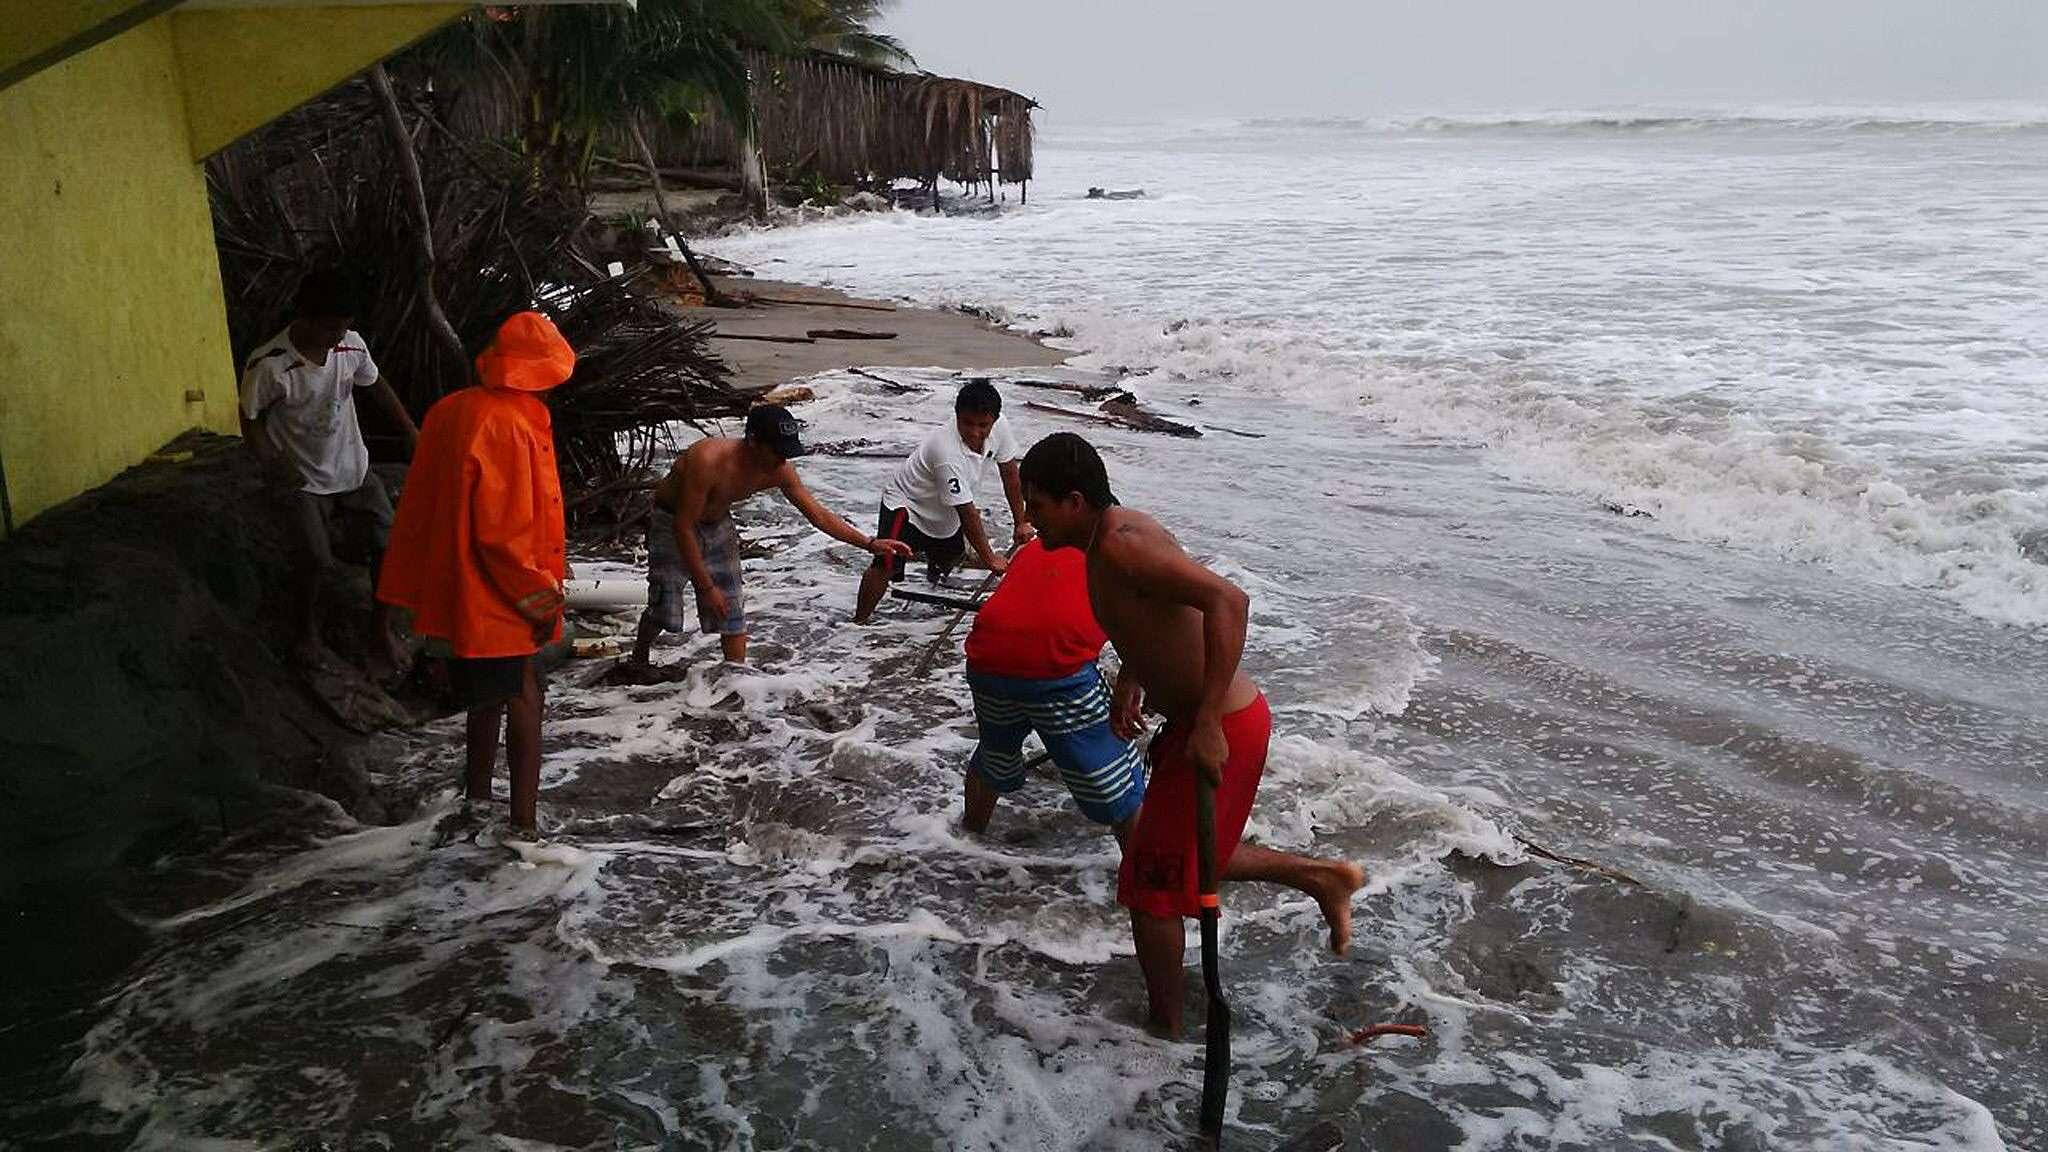 """Habitantes de Acapulco intentan proteger sus pertenencias de las fuertes olas propiciadas por la tormenta """"Polo"""" Foto: EFE"""